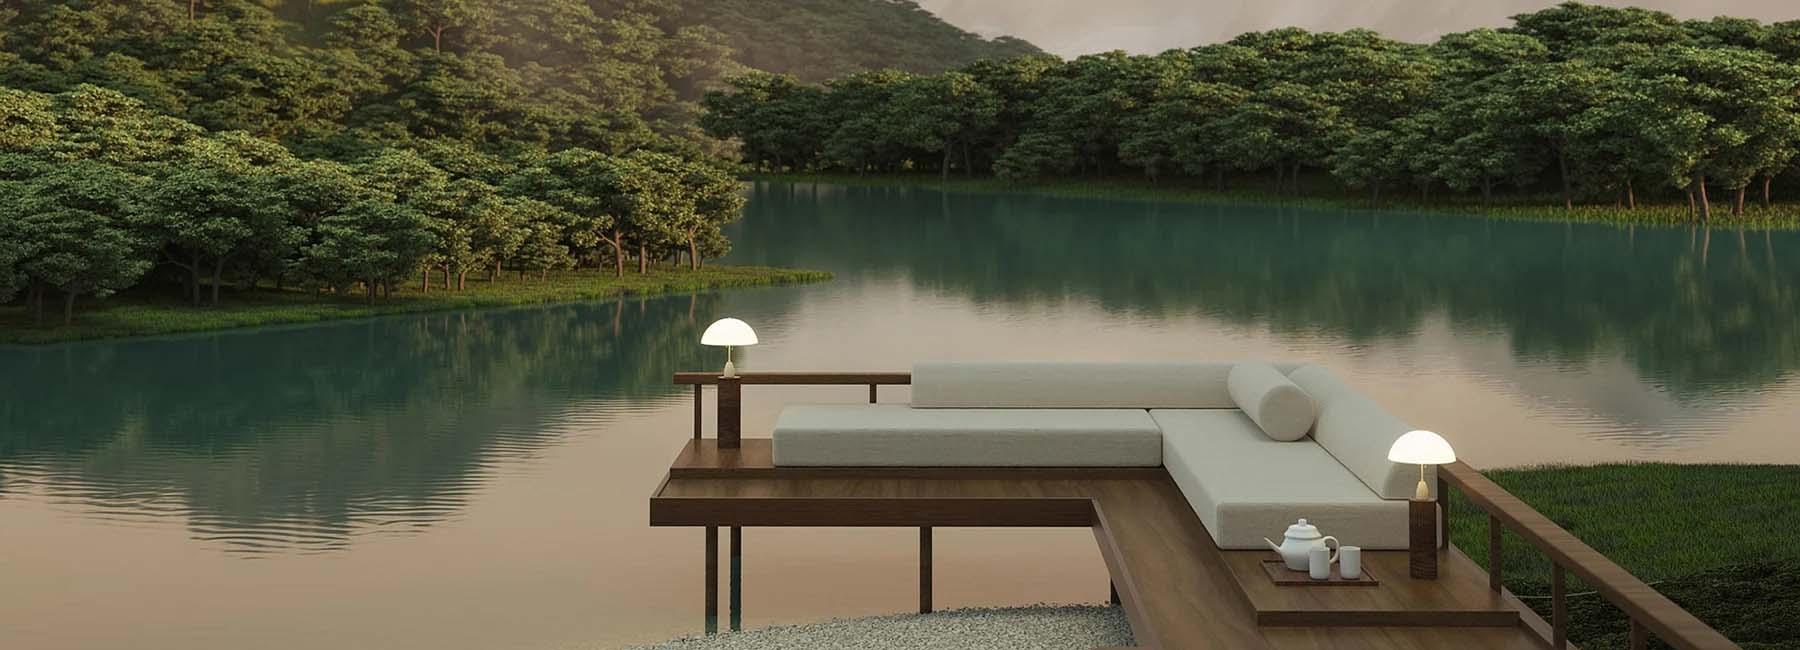 Bộ sưu tập siêu thực về 'Khu vườn Nhật Bản' - 11